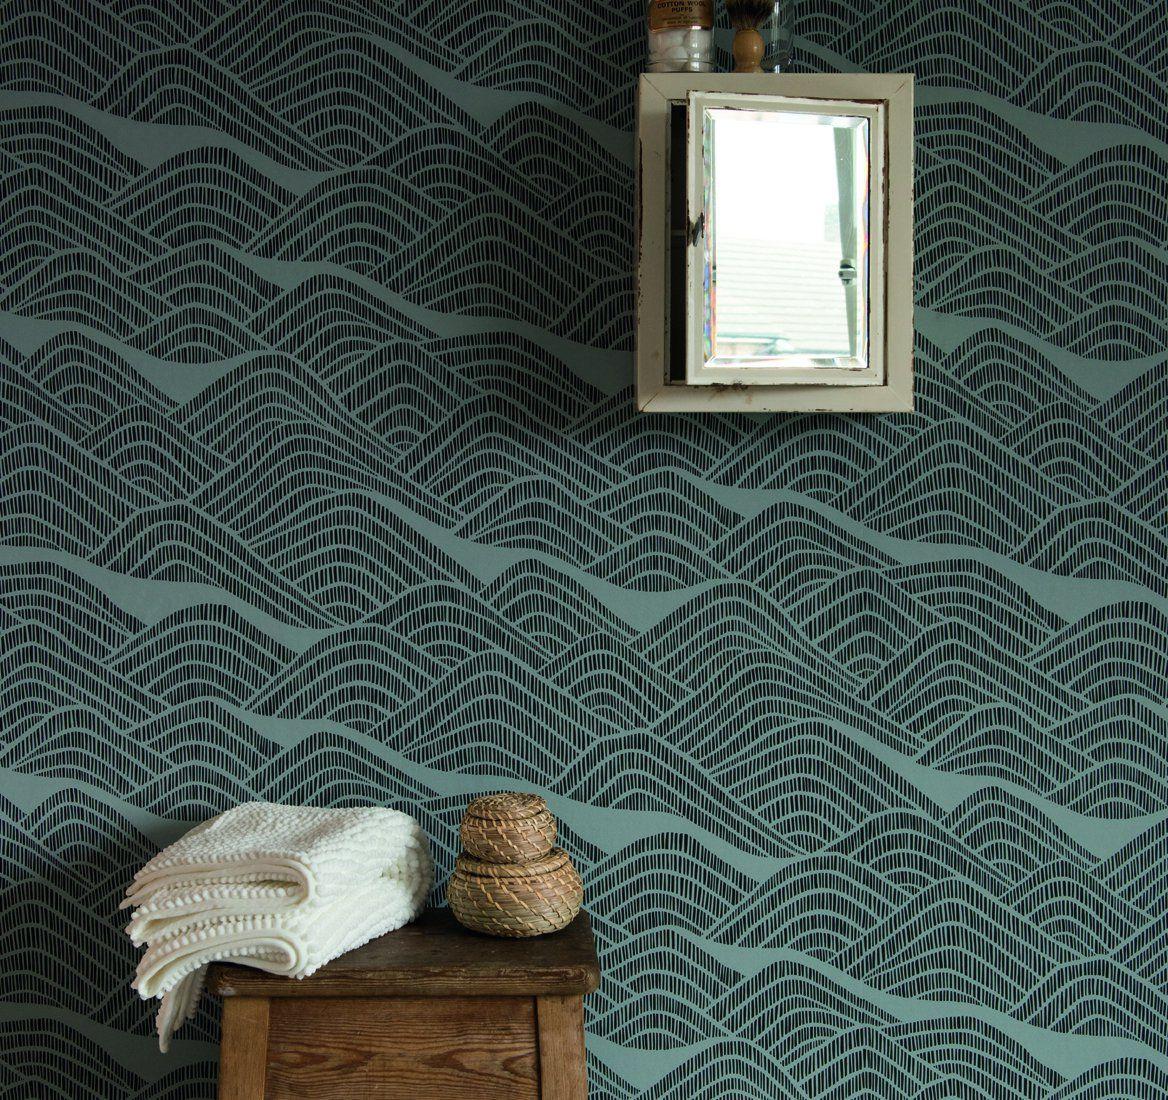 paris d co off les nouveaut s papiers peints 2018 papiers peints pinterest papier peint. Black Bedroom Furniture Sets. Home Design Ideas